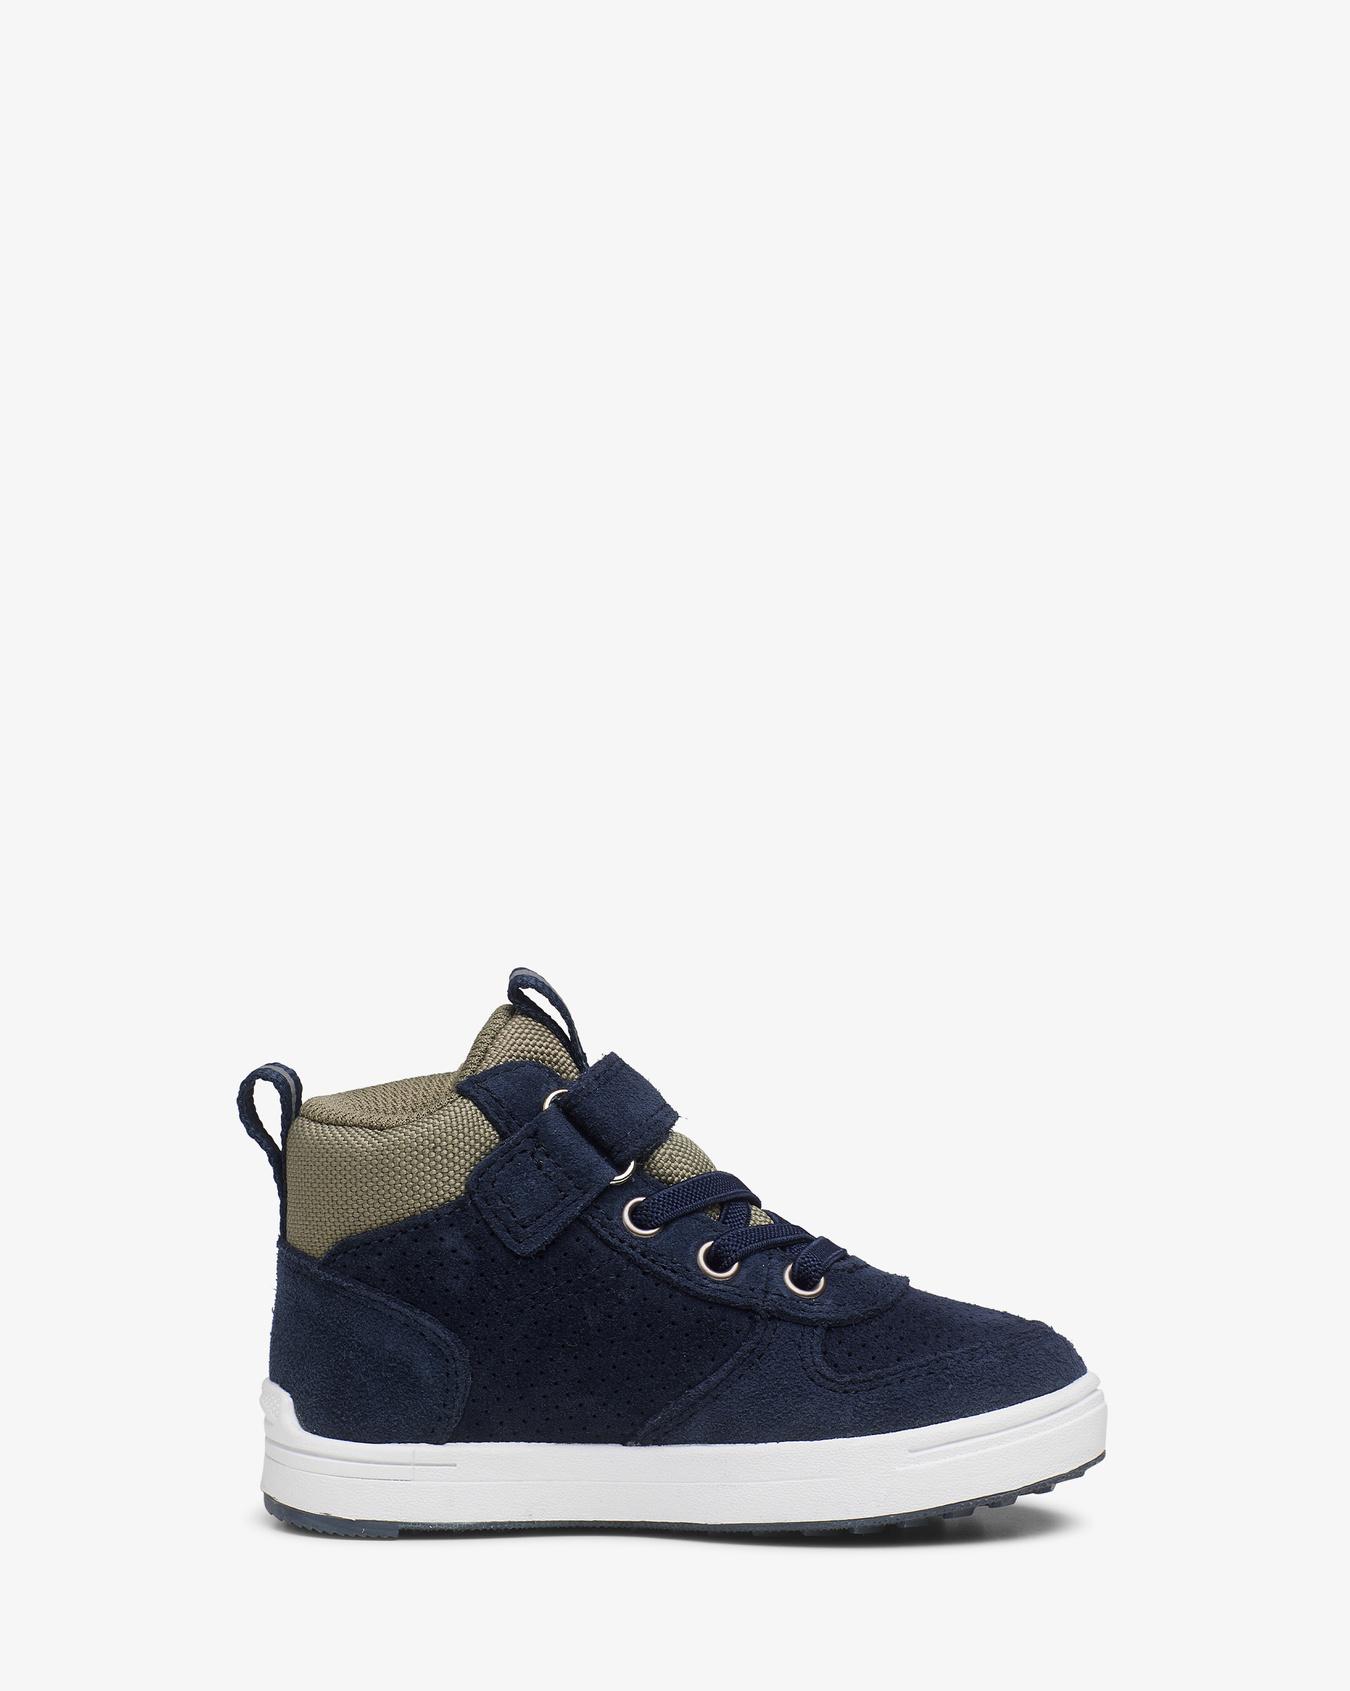 Samuel Mid WP Sneaker